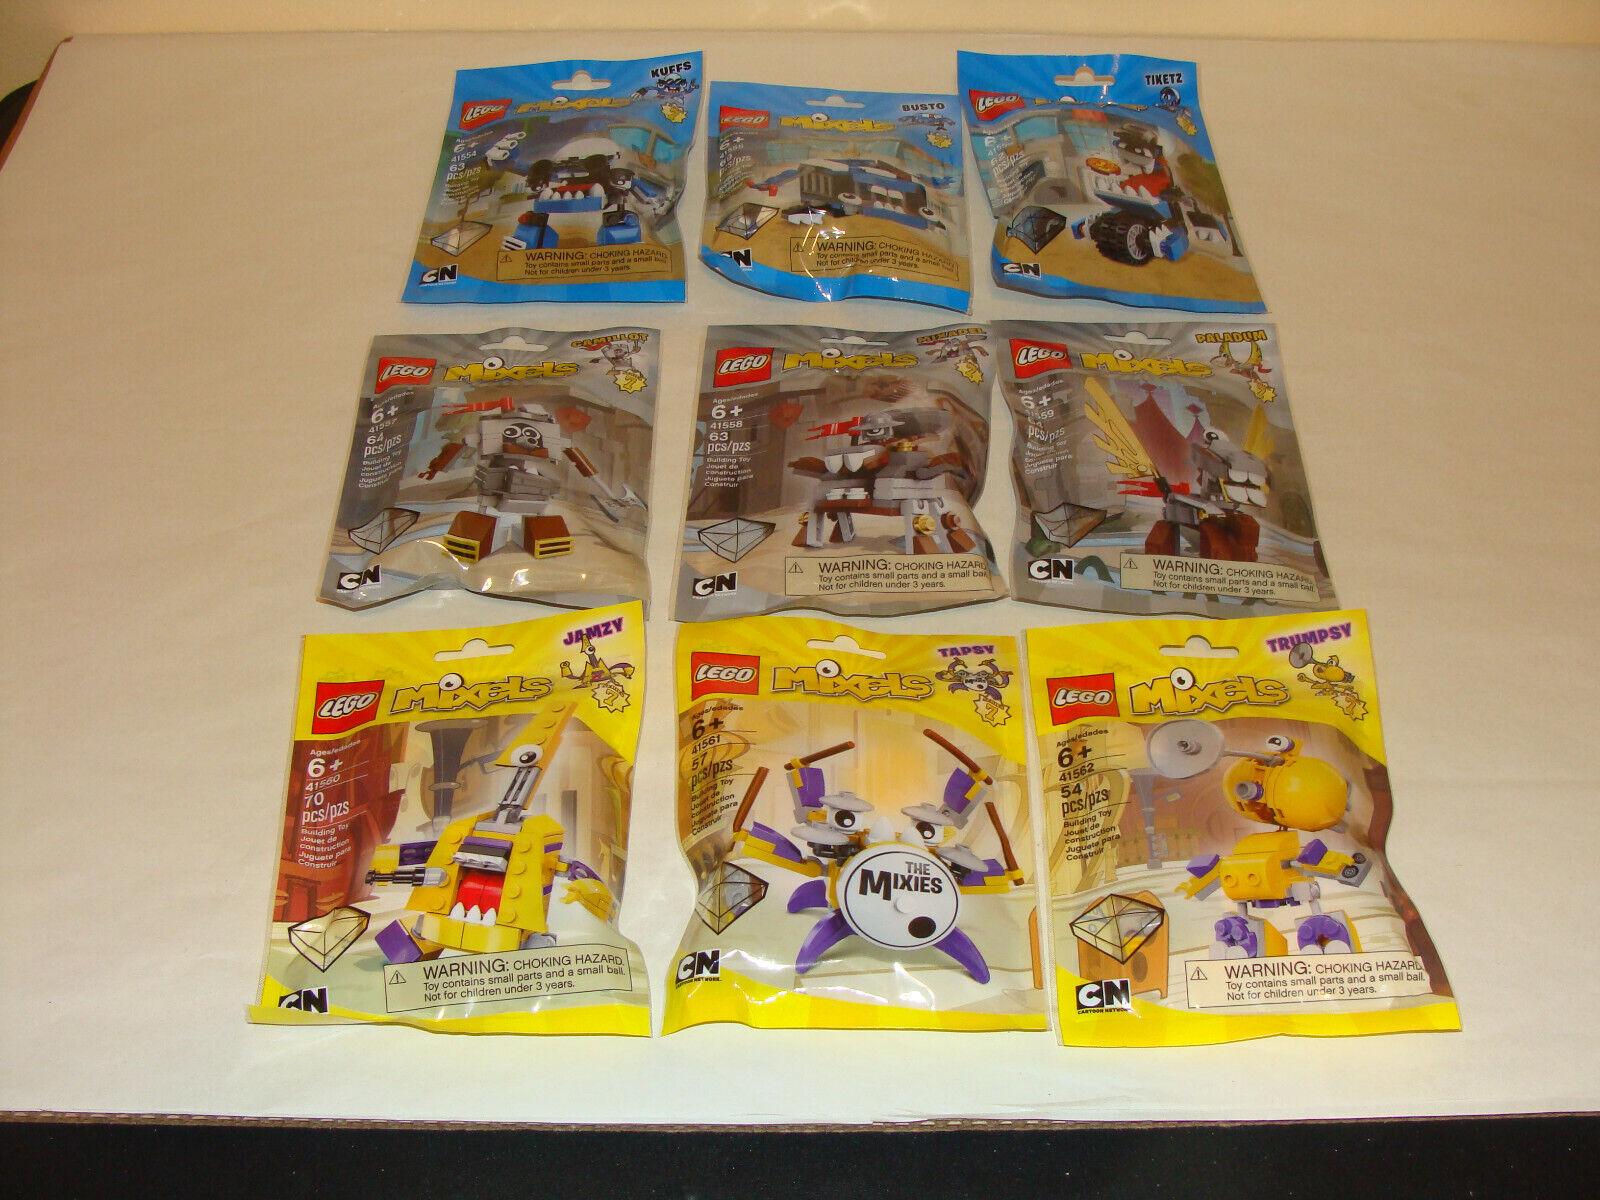 esclusivo LEGO MIXELS SERIES 7 KUFFS autobusTO CAMILLOT PALADUM TAPSY completare completare completare RETIrosso nuovo  le migliori marche vendono a buon mercato